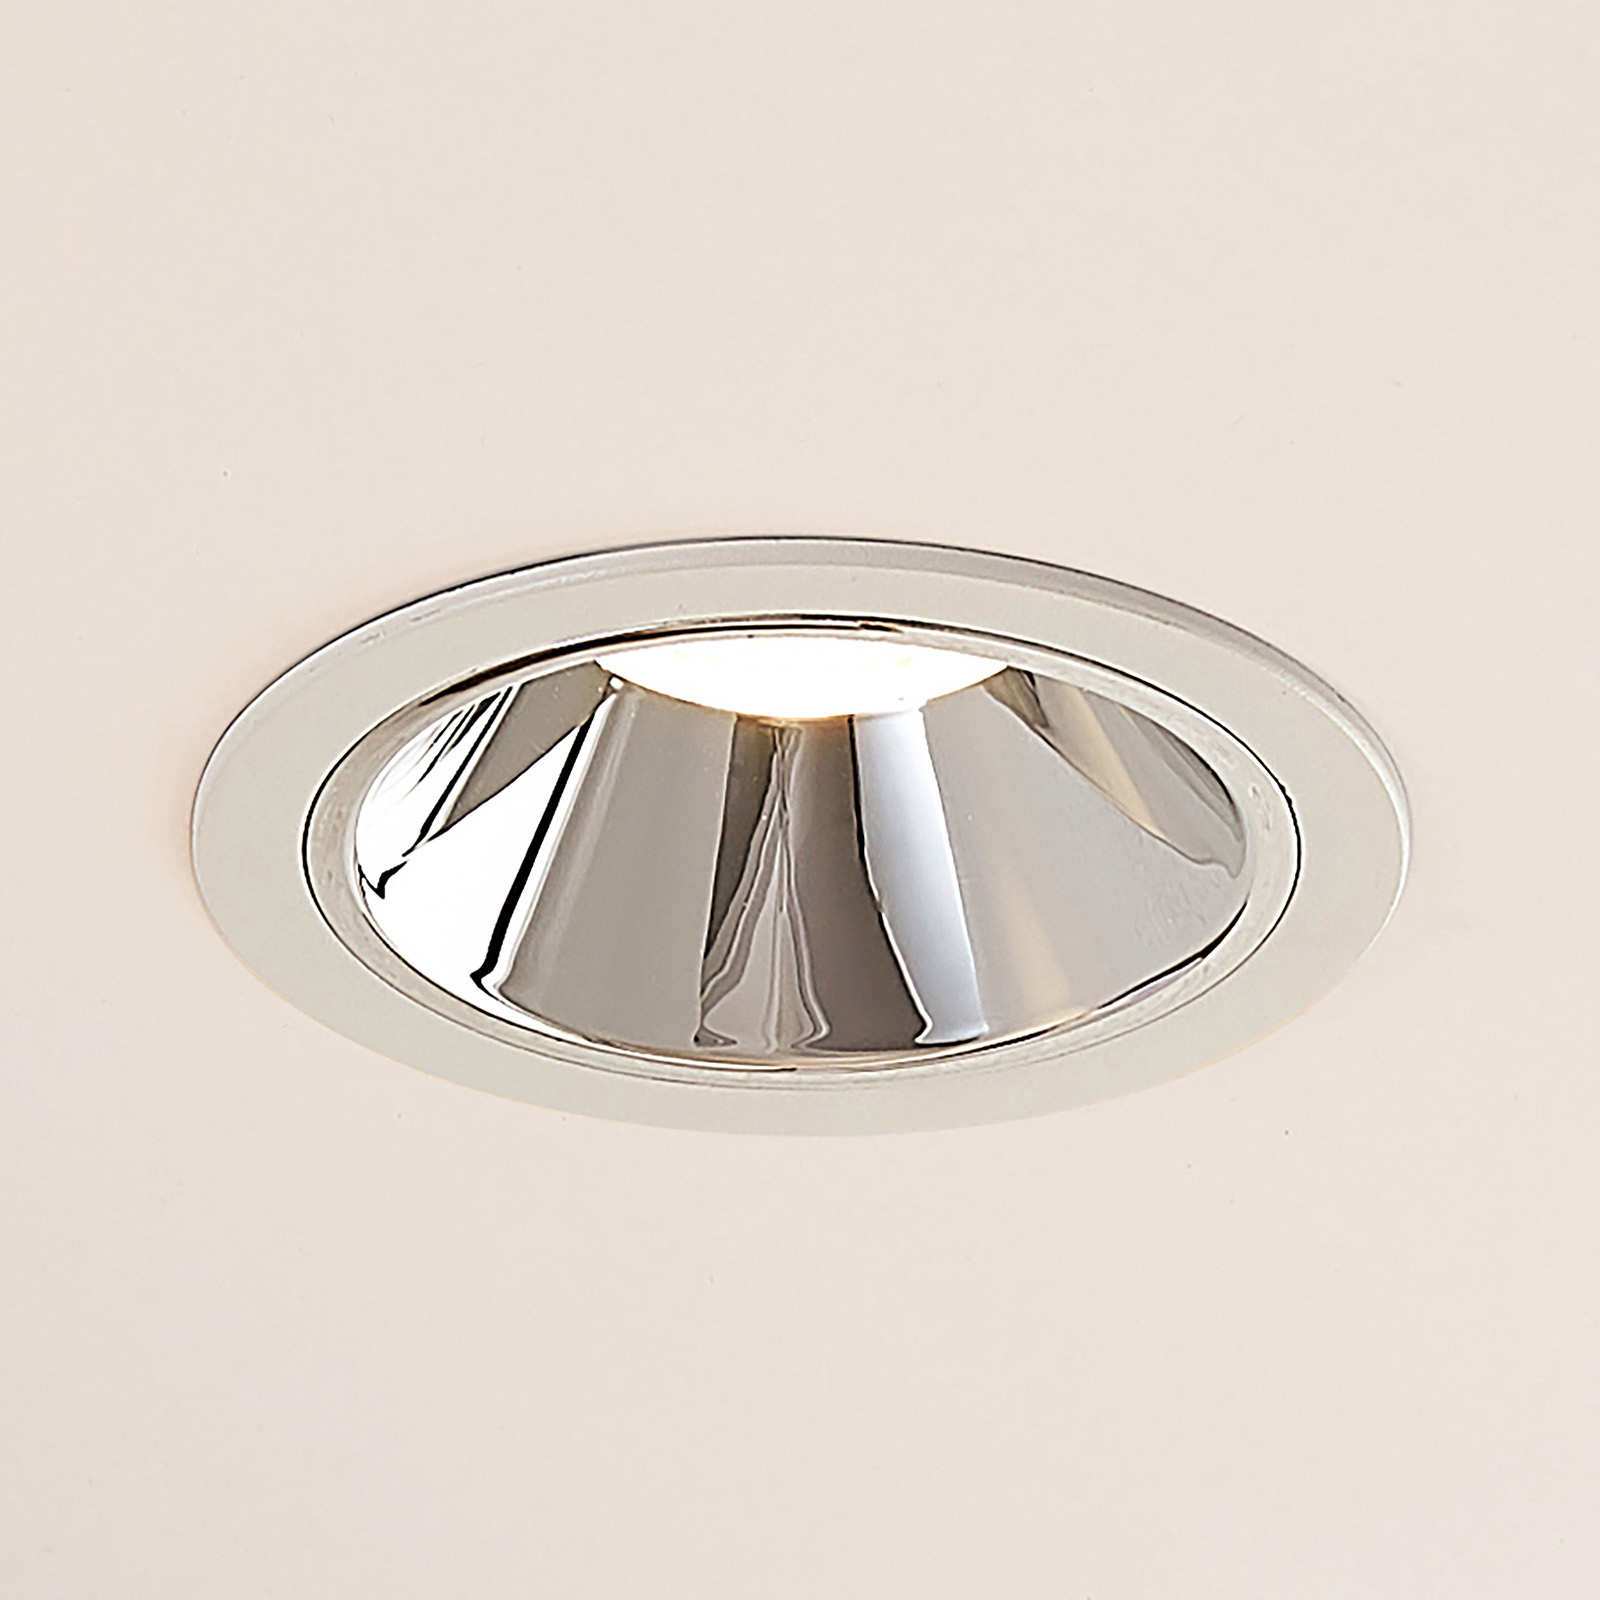 Arcchio Fedor LED-kohdevalaisin 40° 3 000 K 37,8 W